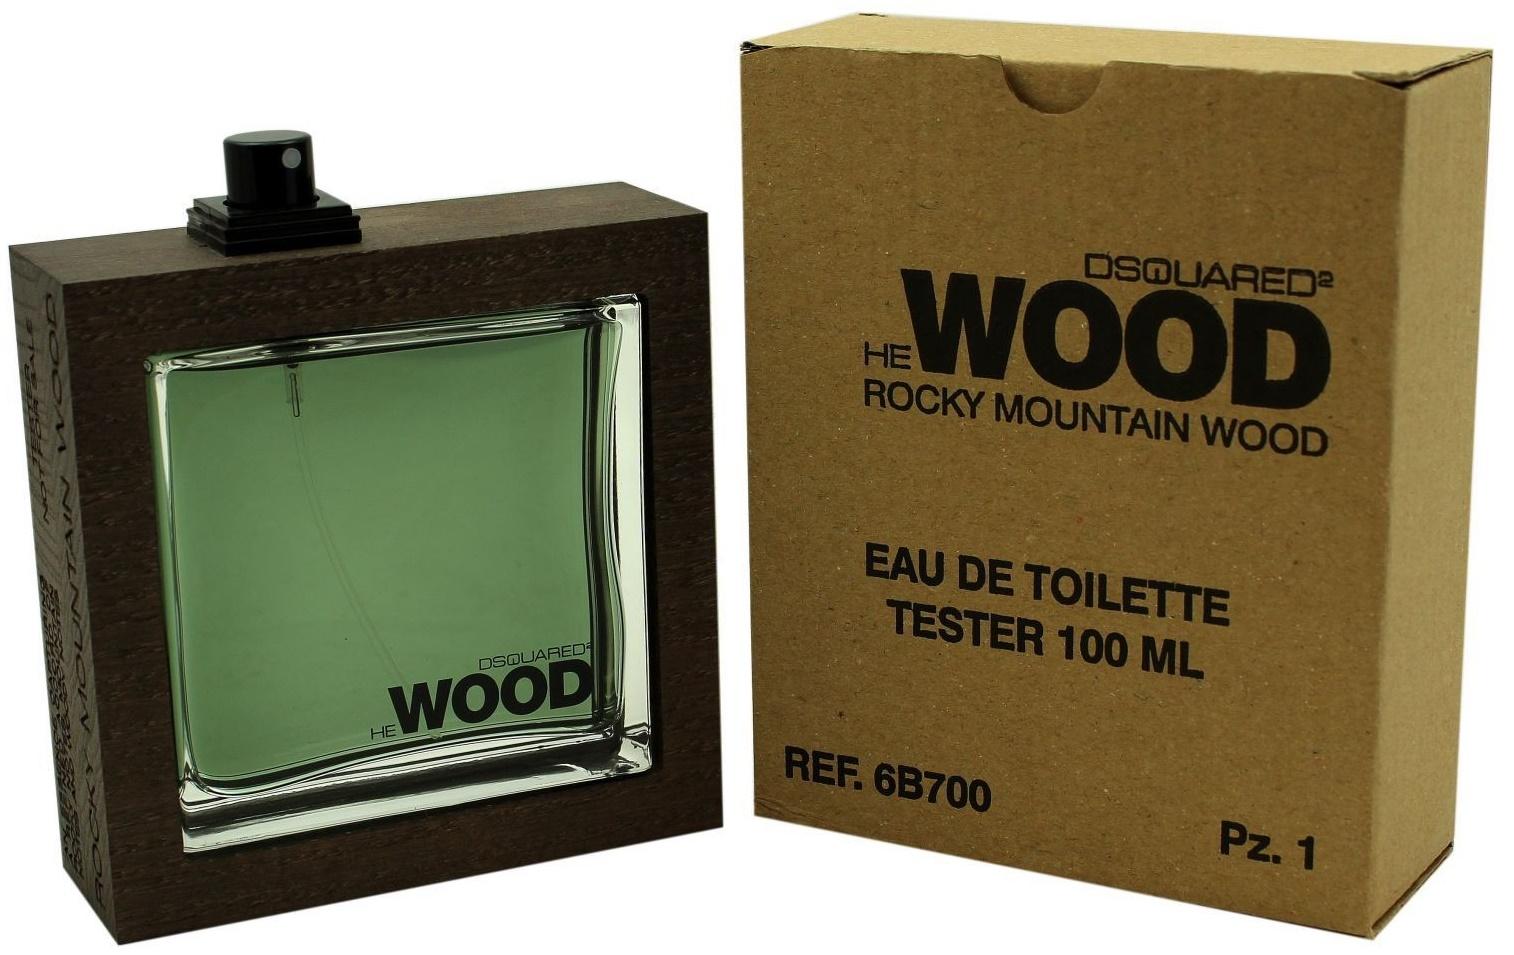 Dsquared2 He Wood Rocky Mountain Wood, Toaletní voda - Tester, 100ml, Pánska vôňa, + AKCE: dárek zdarma